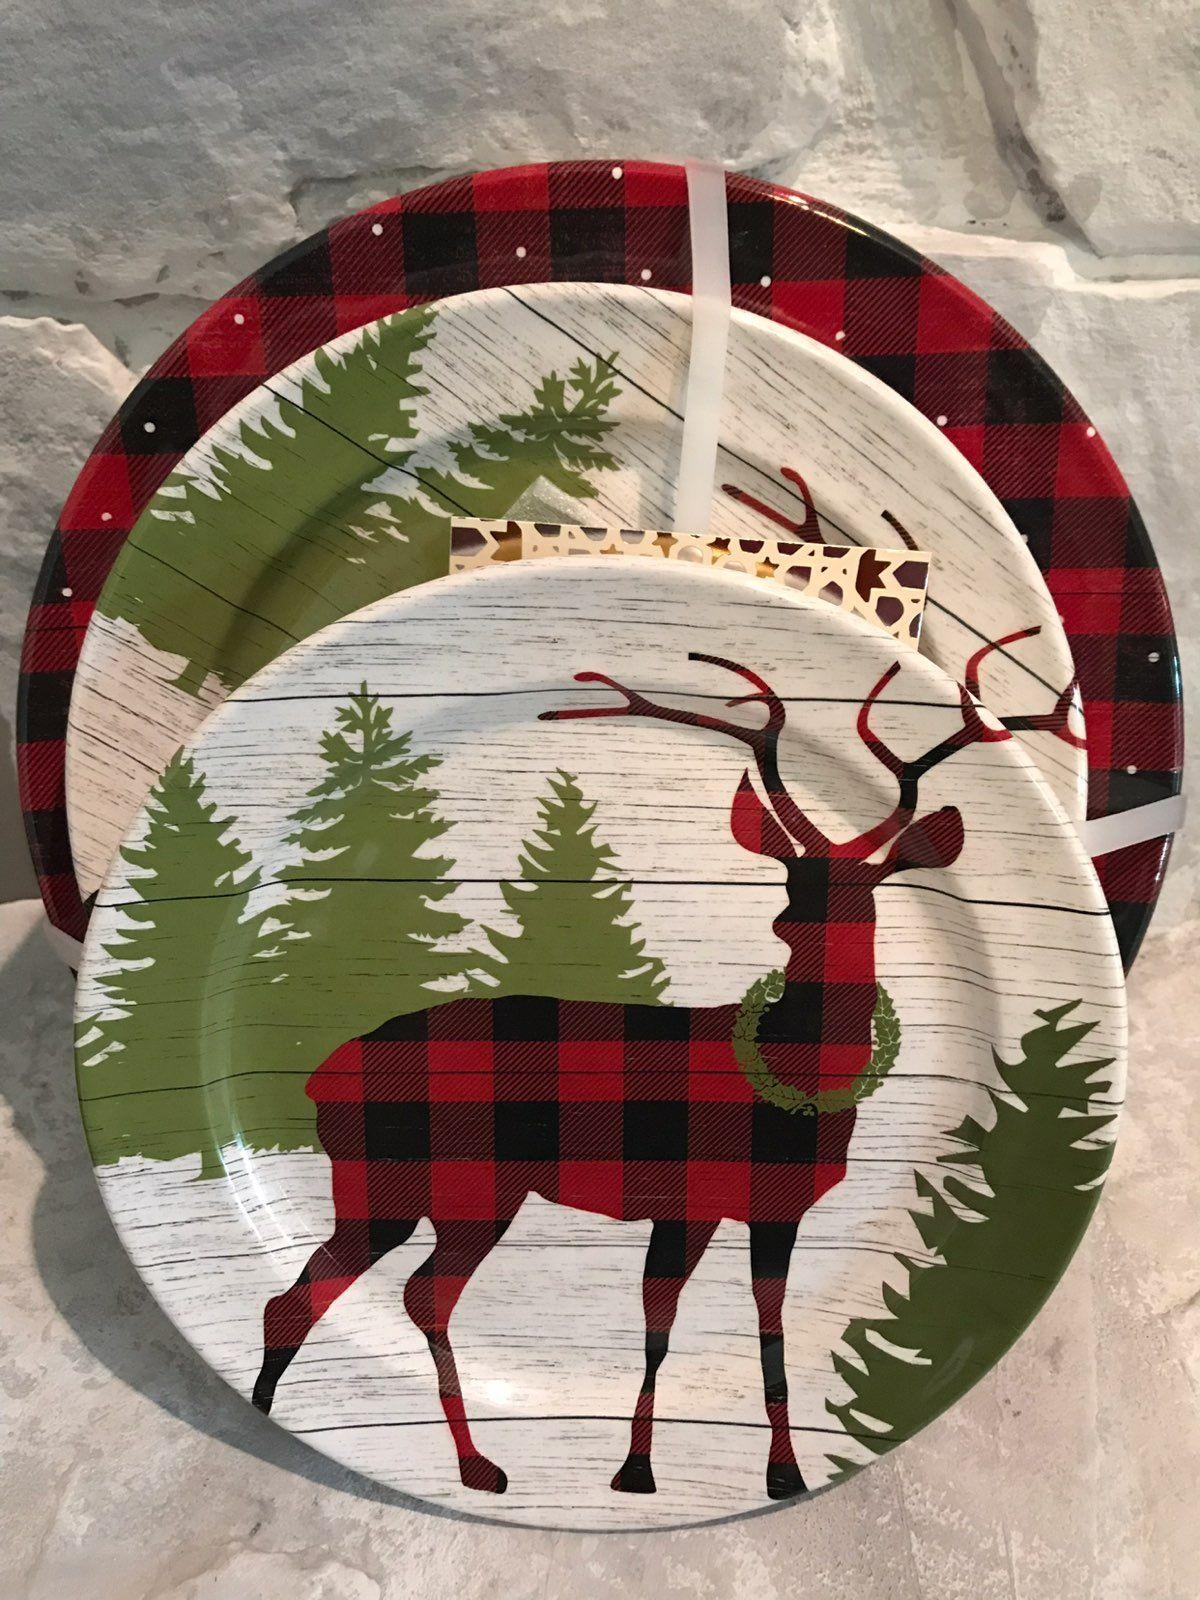 Melamine Christmas Platters.Cynthia Rowley Melamine Christmas Plates Holiday Seasonal